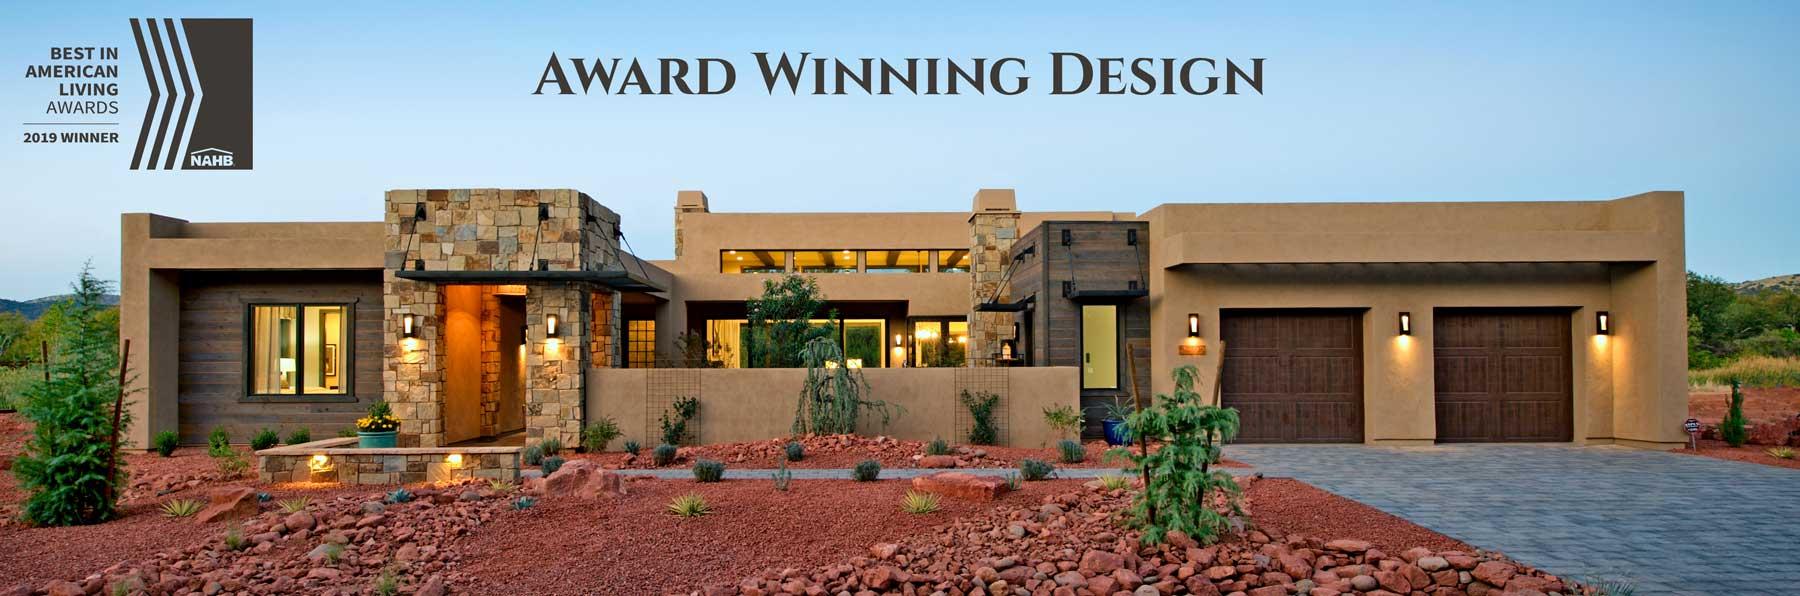 Award Winning Home Designs at Sedona Ranch